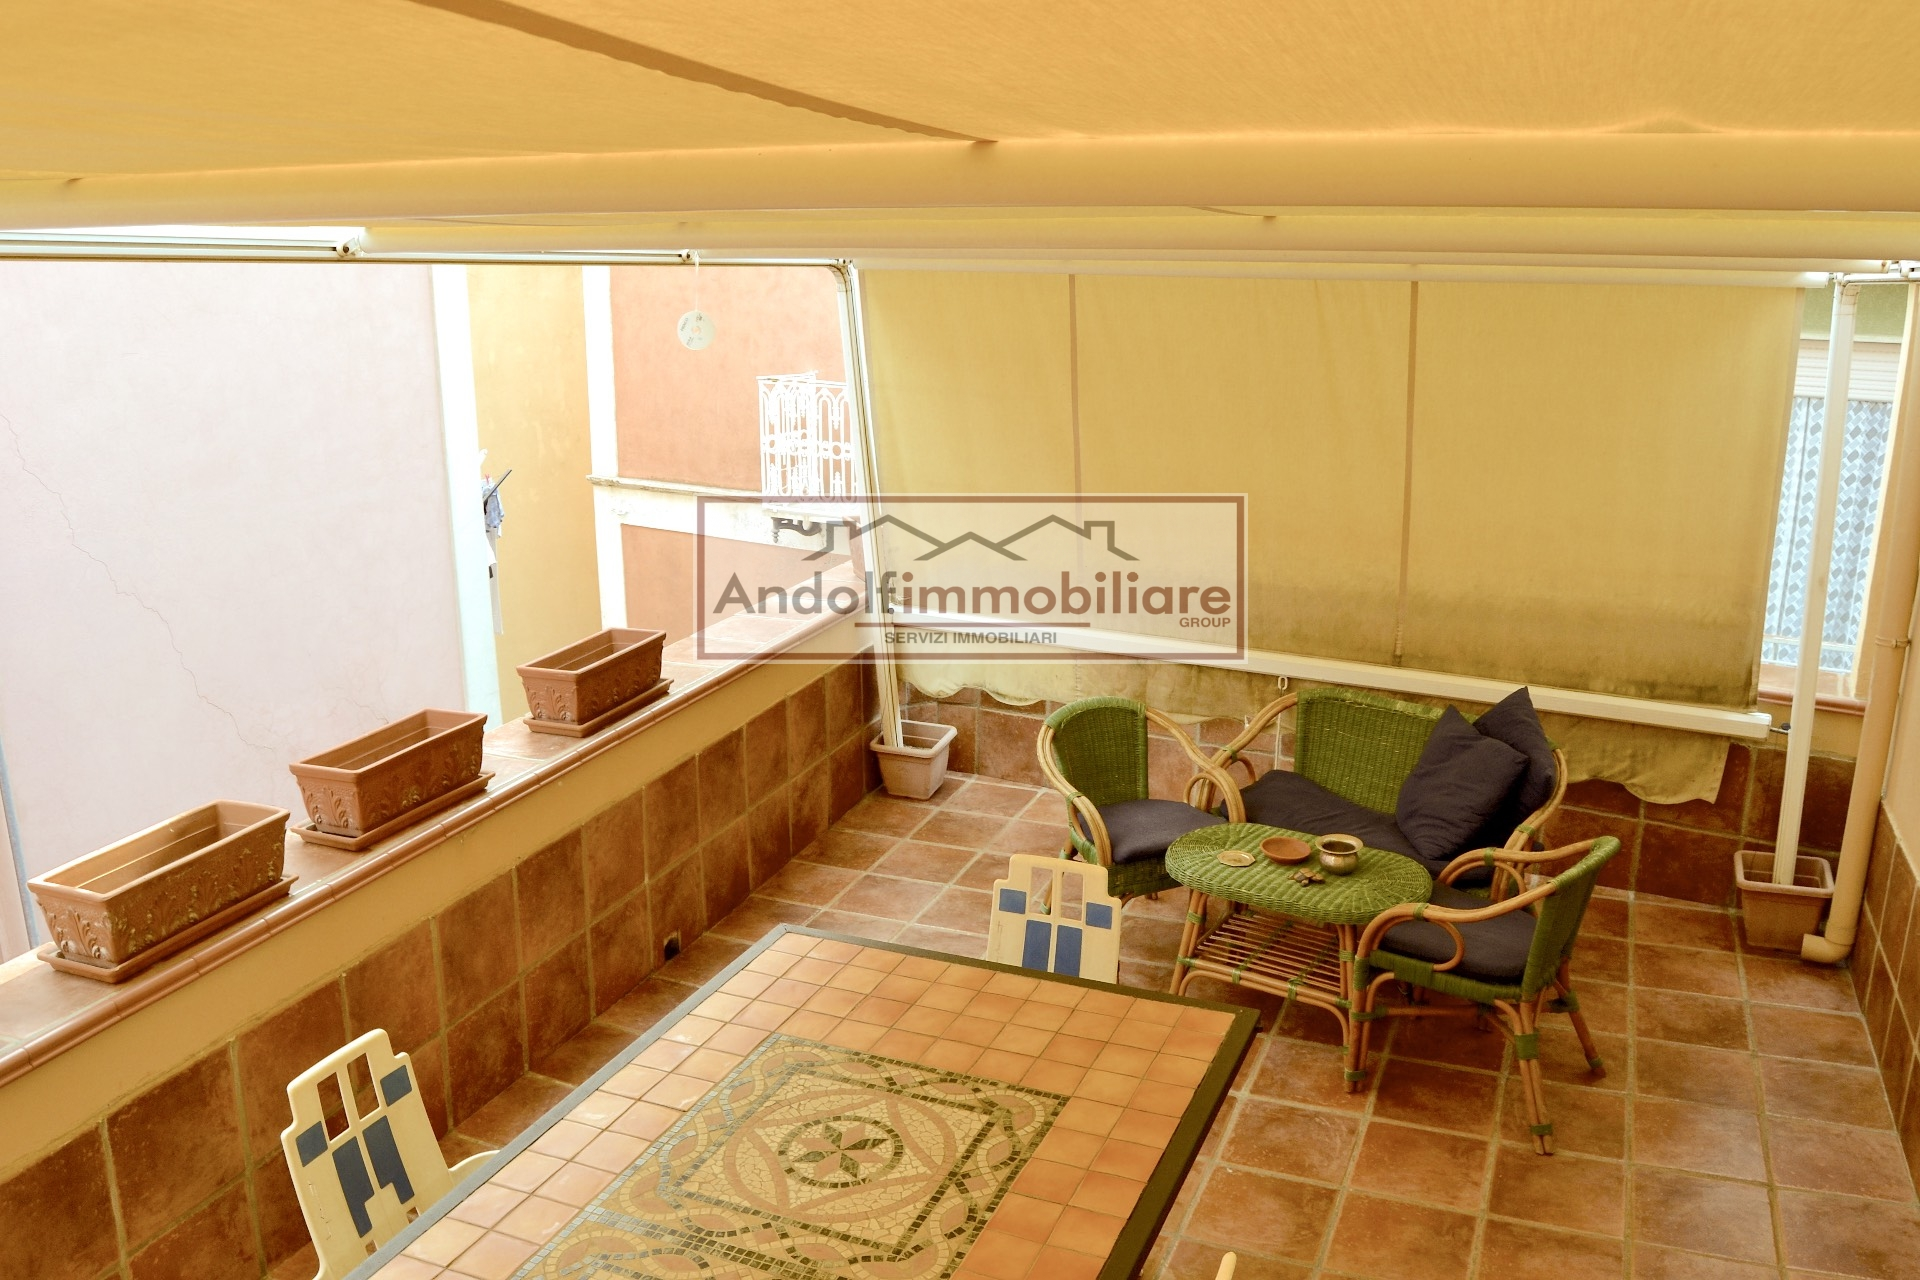 Gaeta Villa delle Sirene, appartamento con terrazzo a livello in vendita a Gaeta.